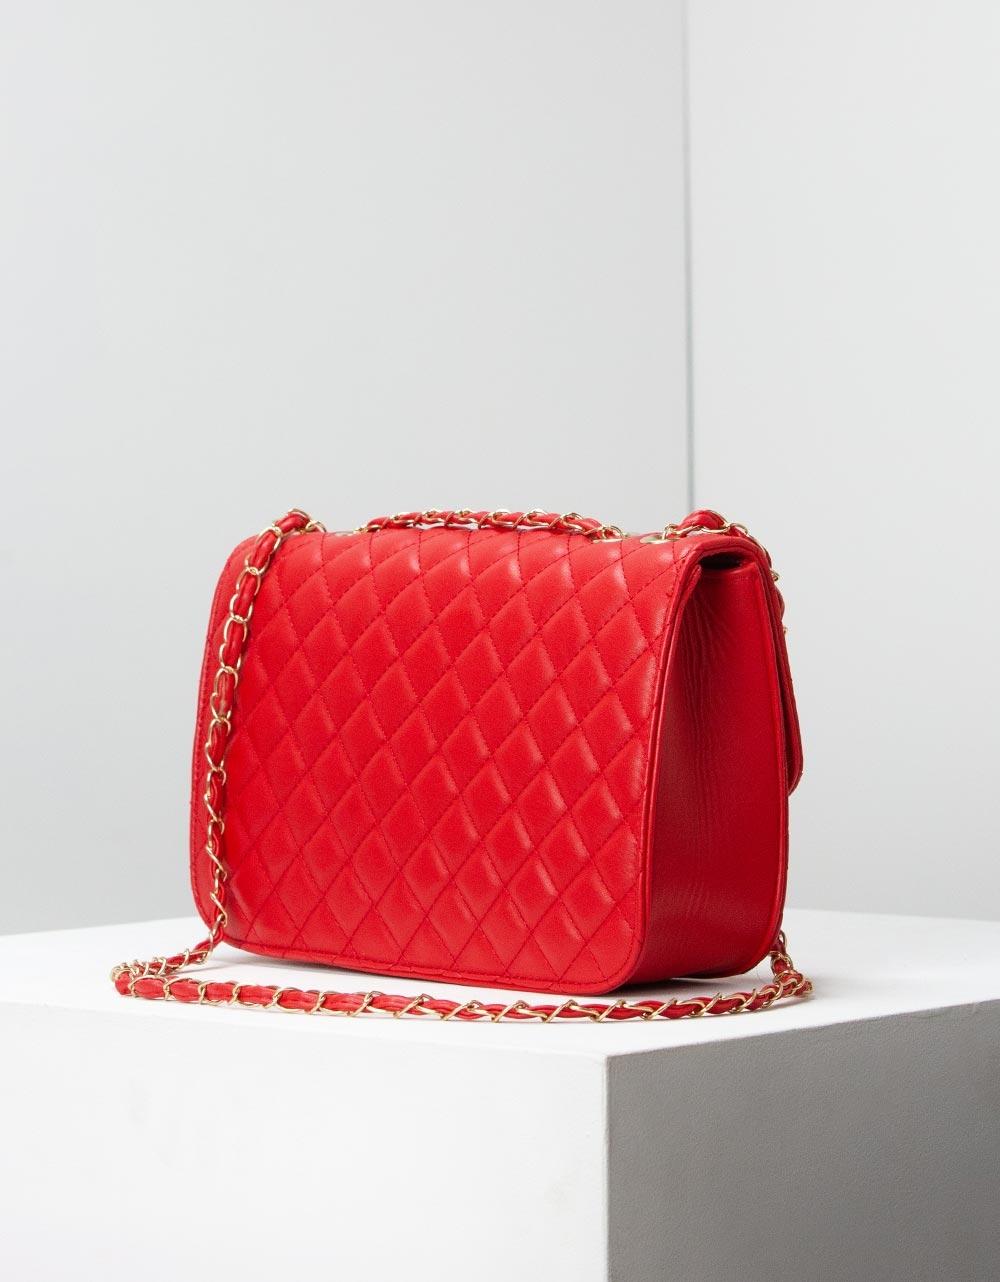 Εικόνα από Γυναικείες τσάντες ώμου καπιτονέ Κόκκινο